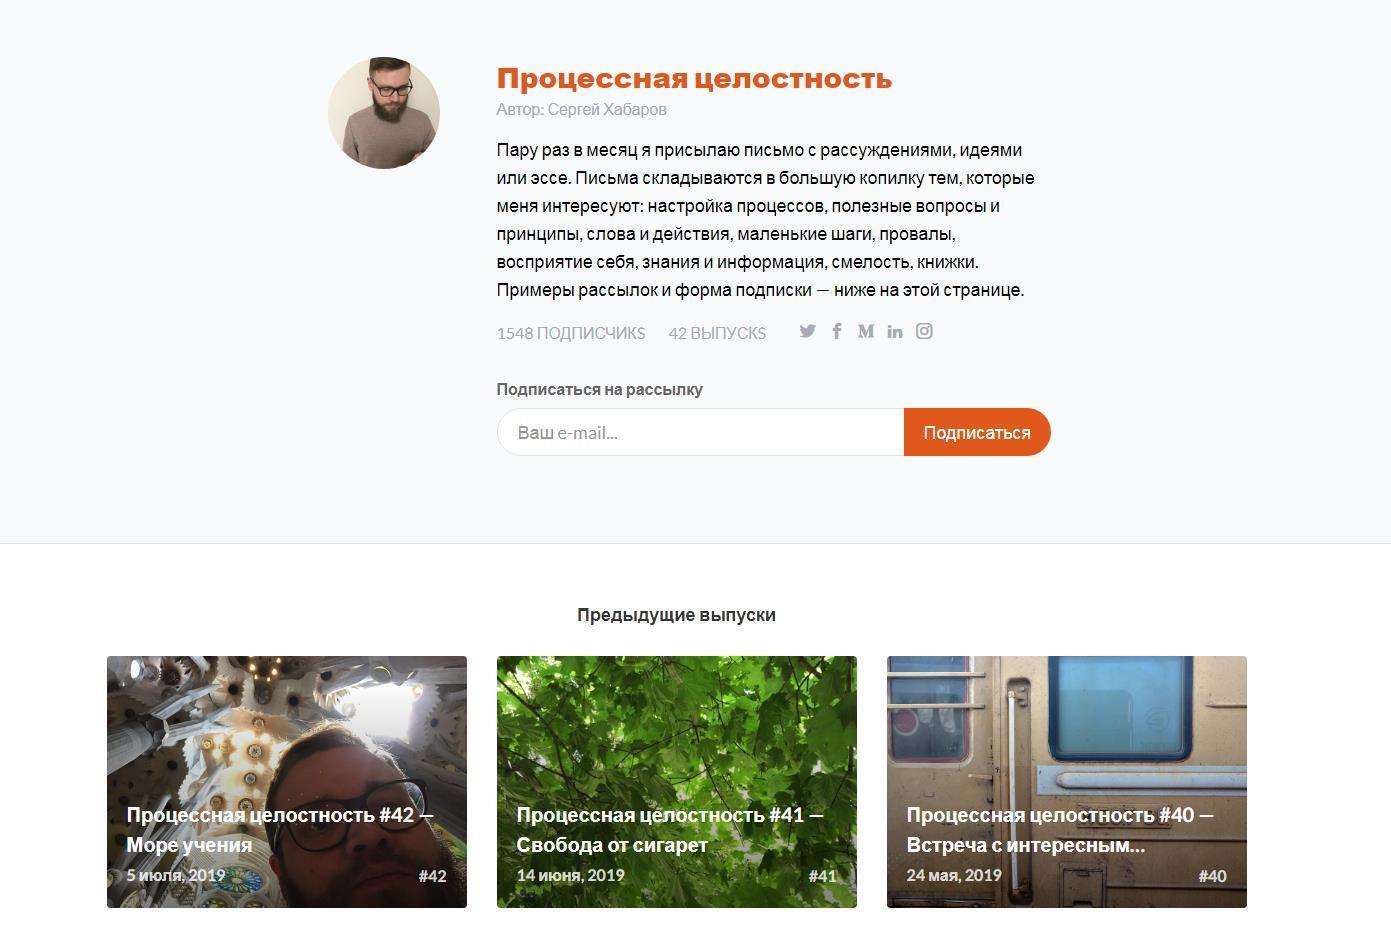 Предыдущие выпуски рассылок Сергея Сахарова